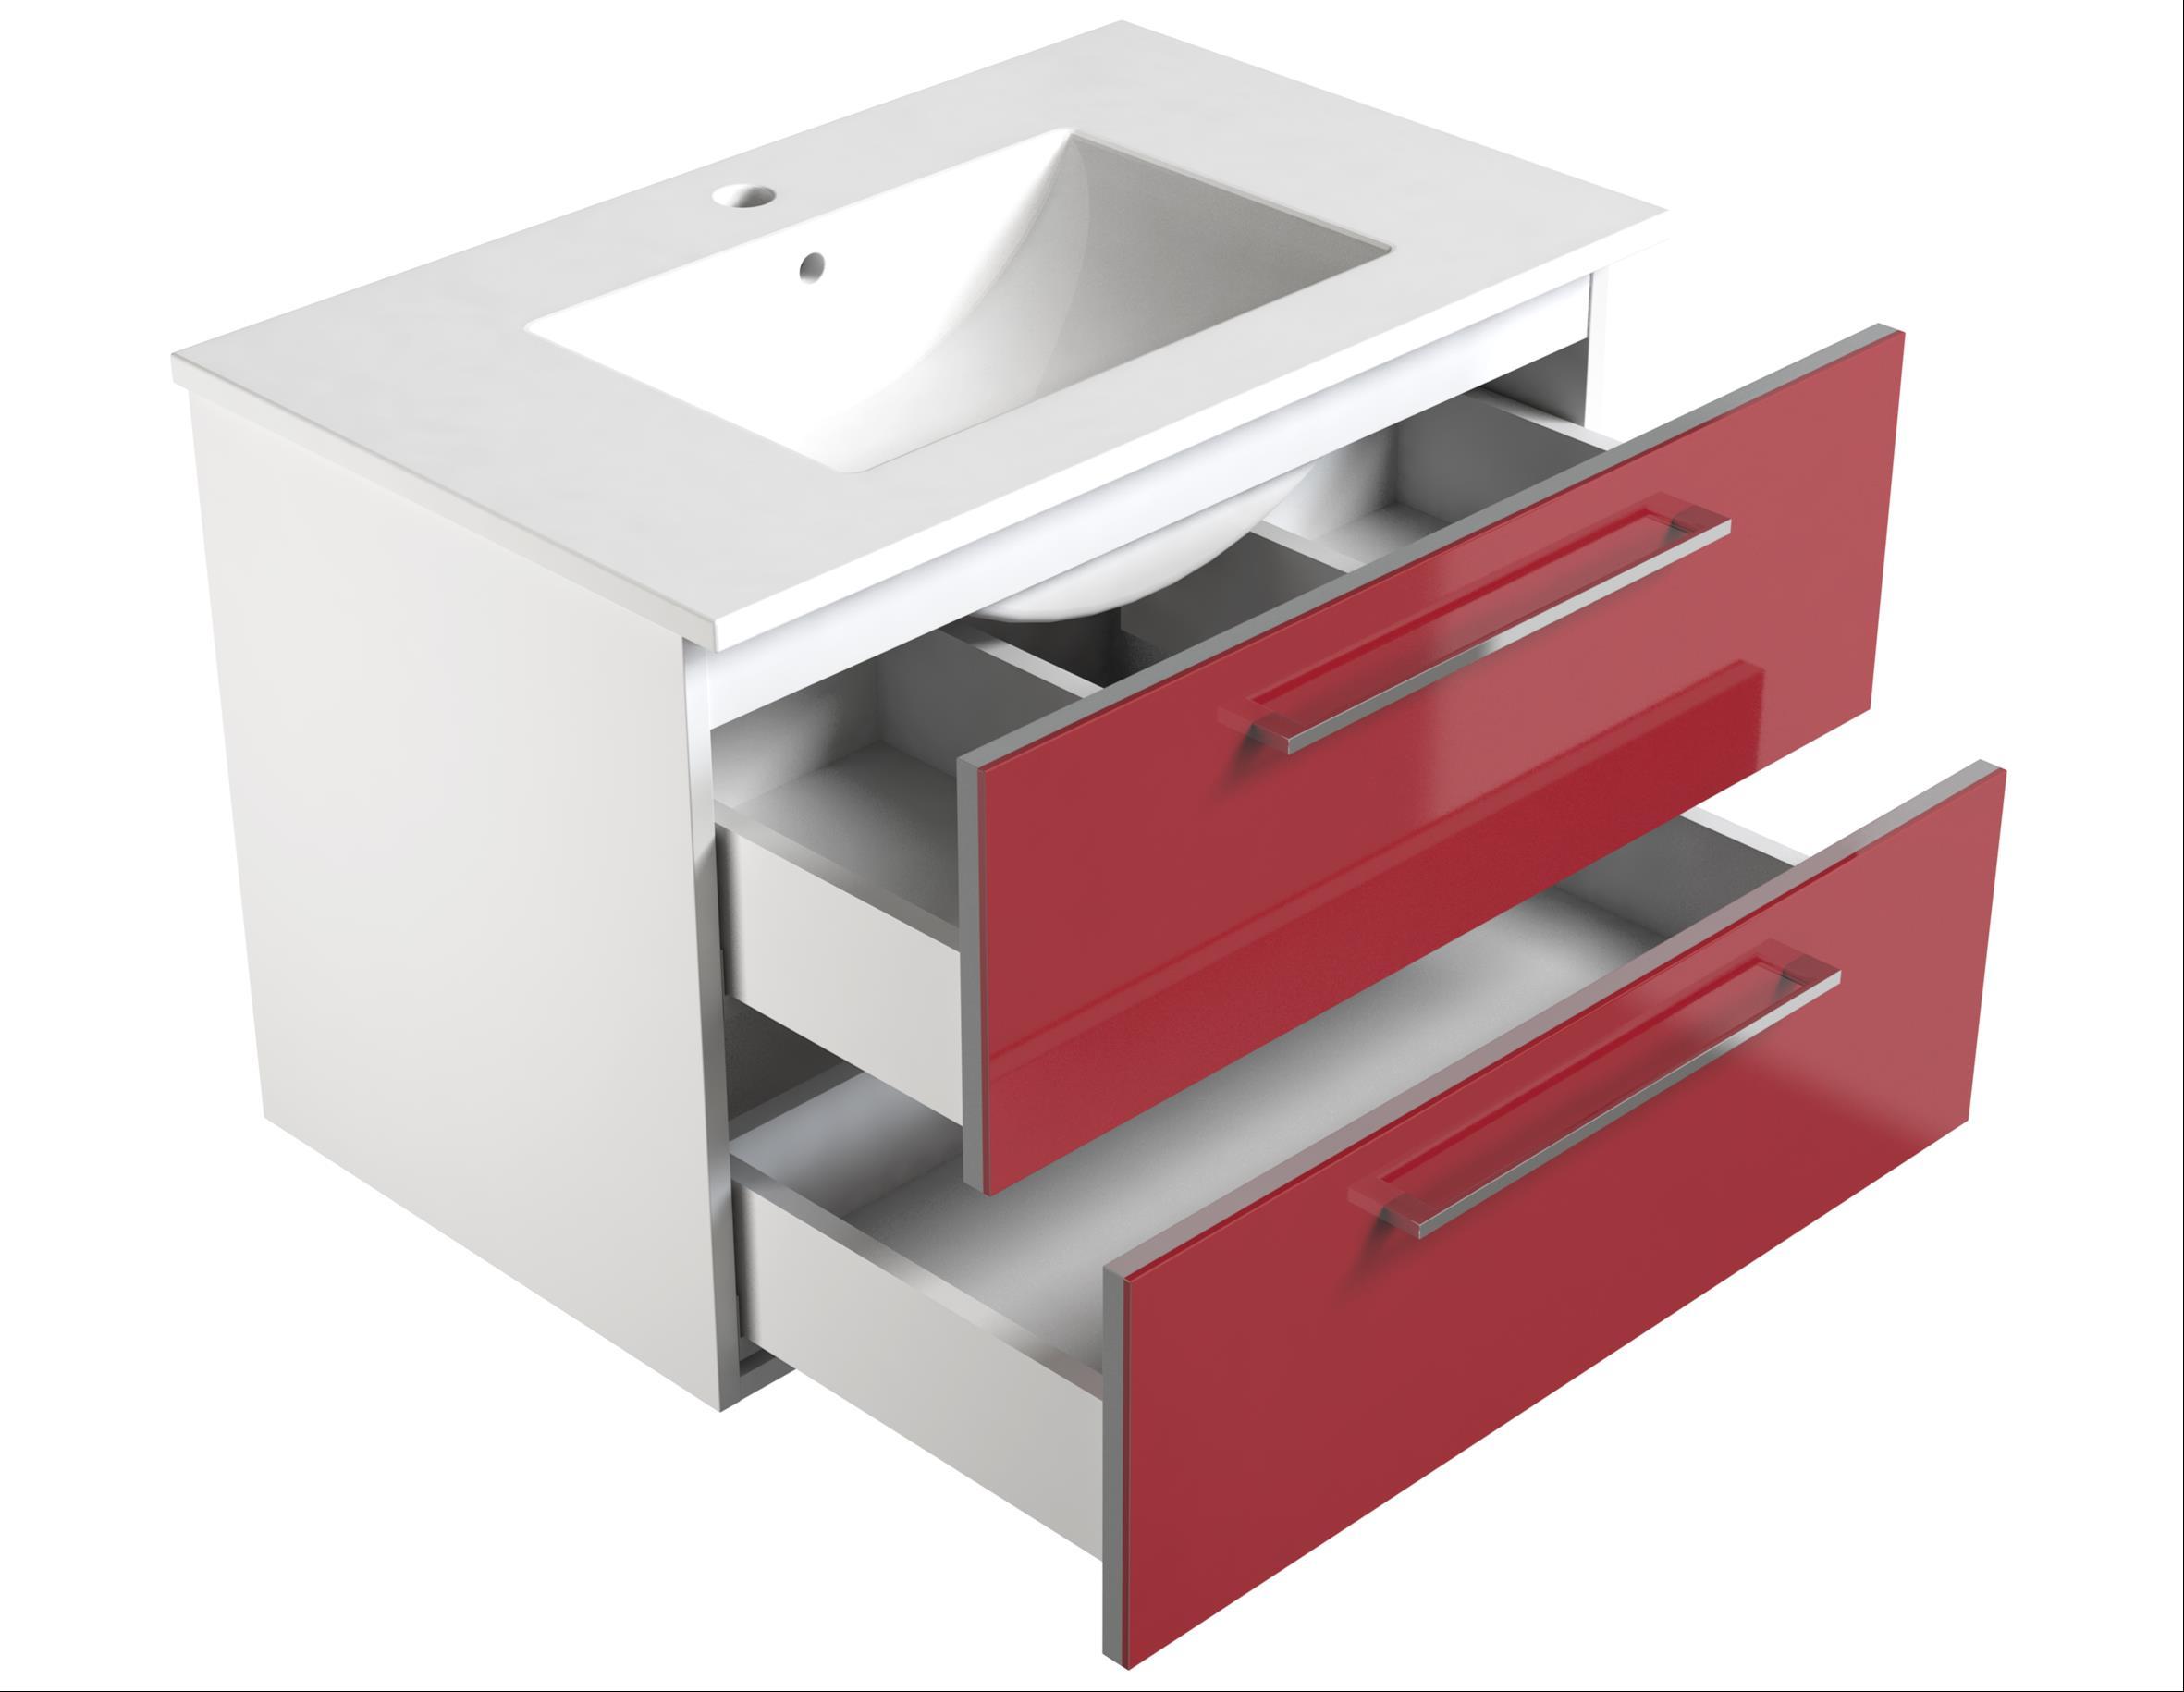 Bad Waschtischunterschrank mit Keramik-Waschtisch Allegro 61 Rot glänzend Bild 3